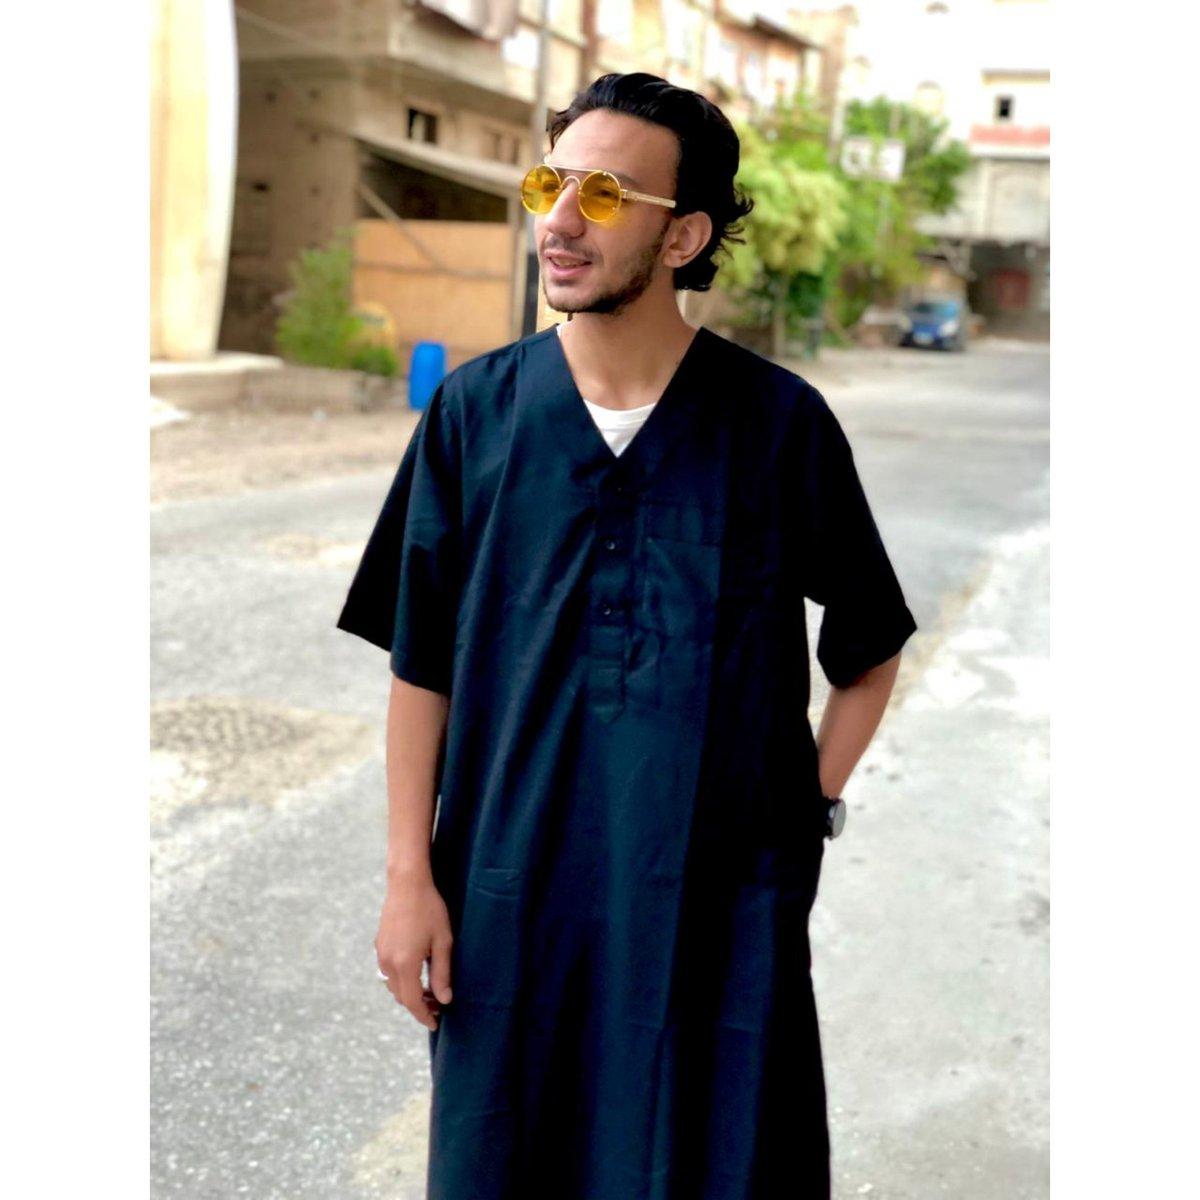 Happy Eid  #NewPost pic.twitter.com/kJe3j7uZBu